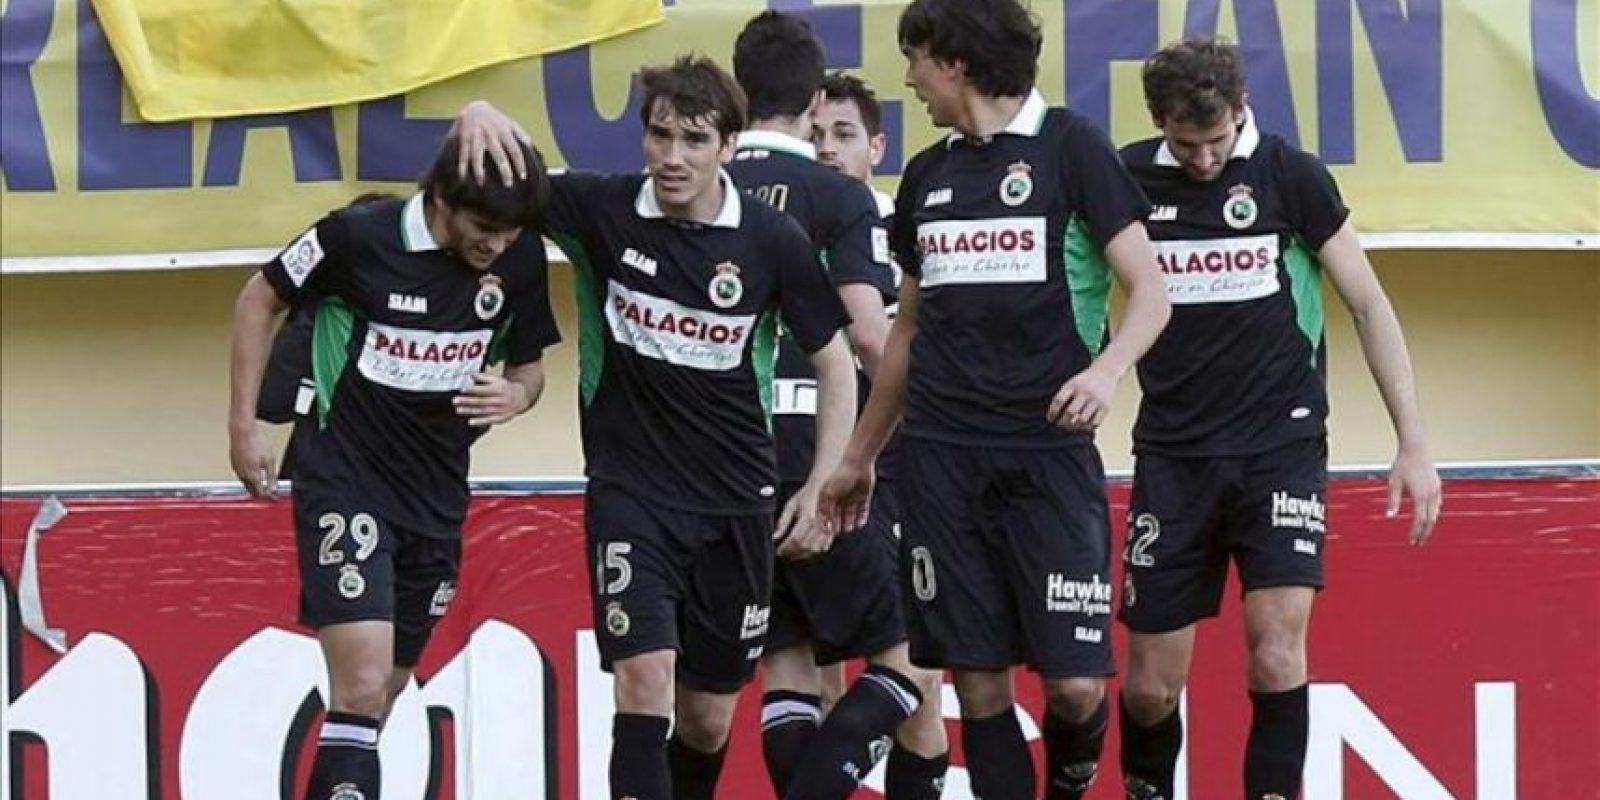 Los jugadores del Racing de Santander celebran el tanto del empate ante el Villarreal durante el partido, correspondiente a la trigésimo cuarta jornada de Liga de Primera División, que disputaron ambos equipos en el estadio de El Madrigal. EFE